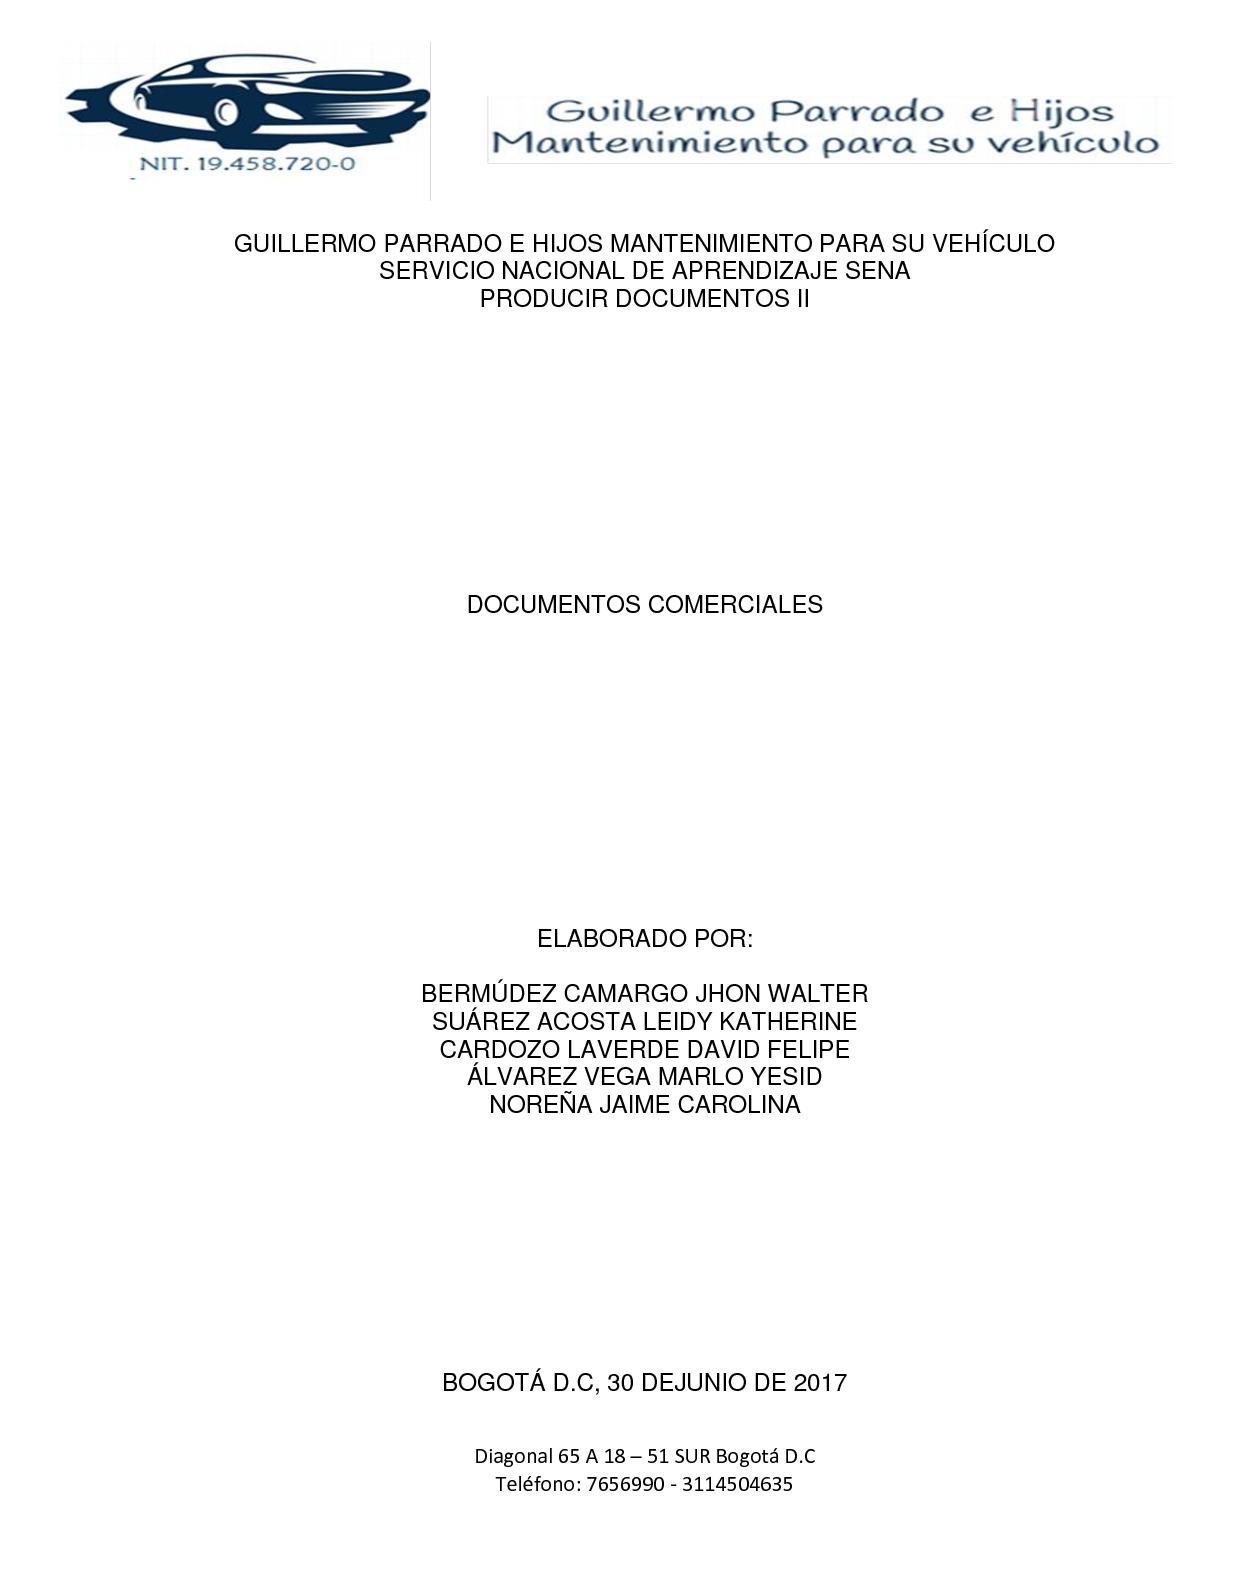 Dorable Mejor Plantilla De Resumen Ejecutivo Composición - Ejemplo ...